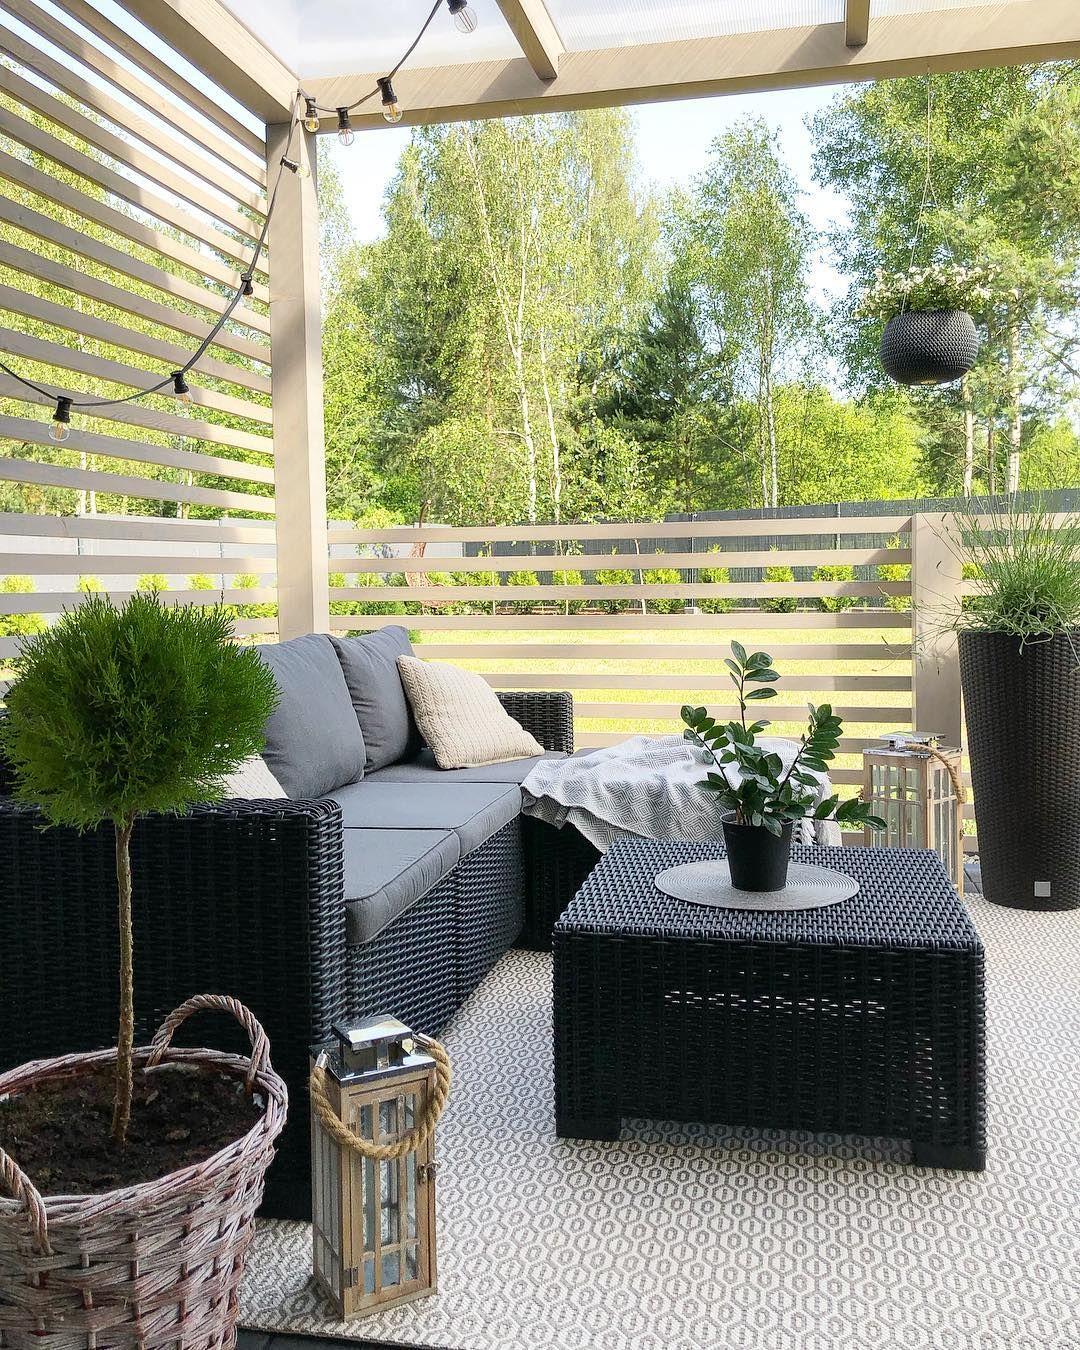 3-Piece Rattan Outdoor Sectional Sofa Set